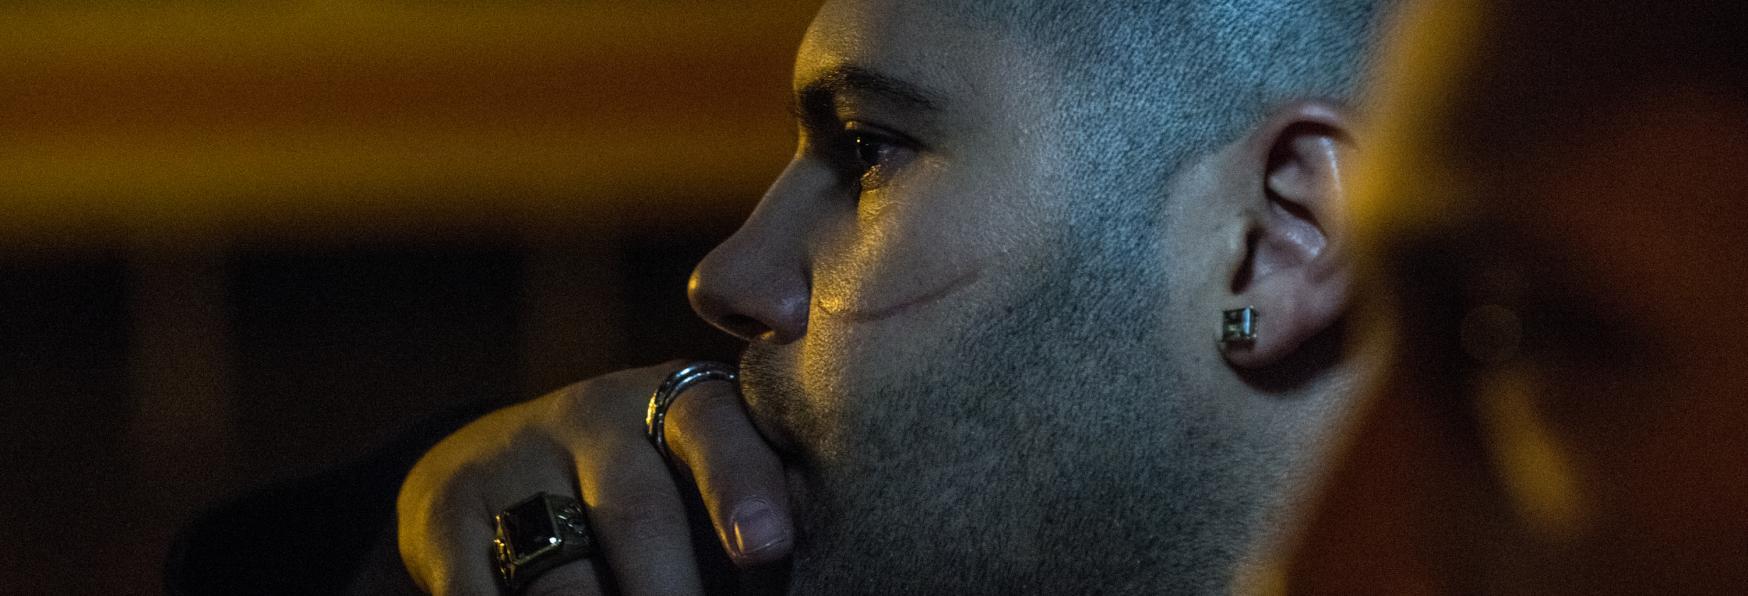 Gomorra: la 4° Stagione sta per arrivare in America, HBO Max ne Rilascia il Trailer